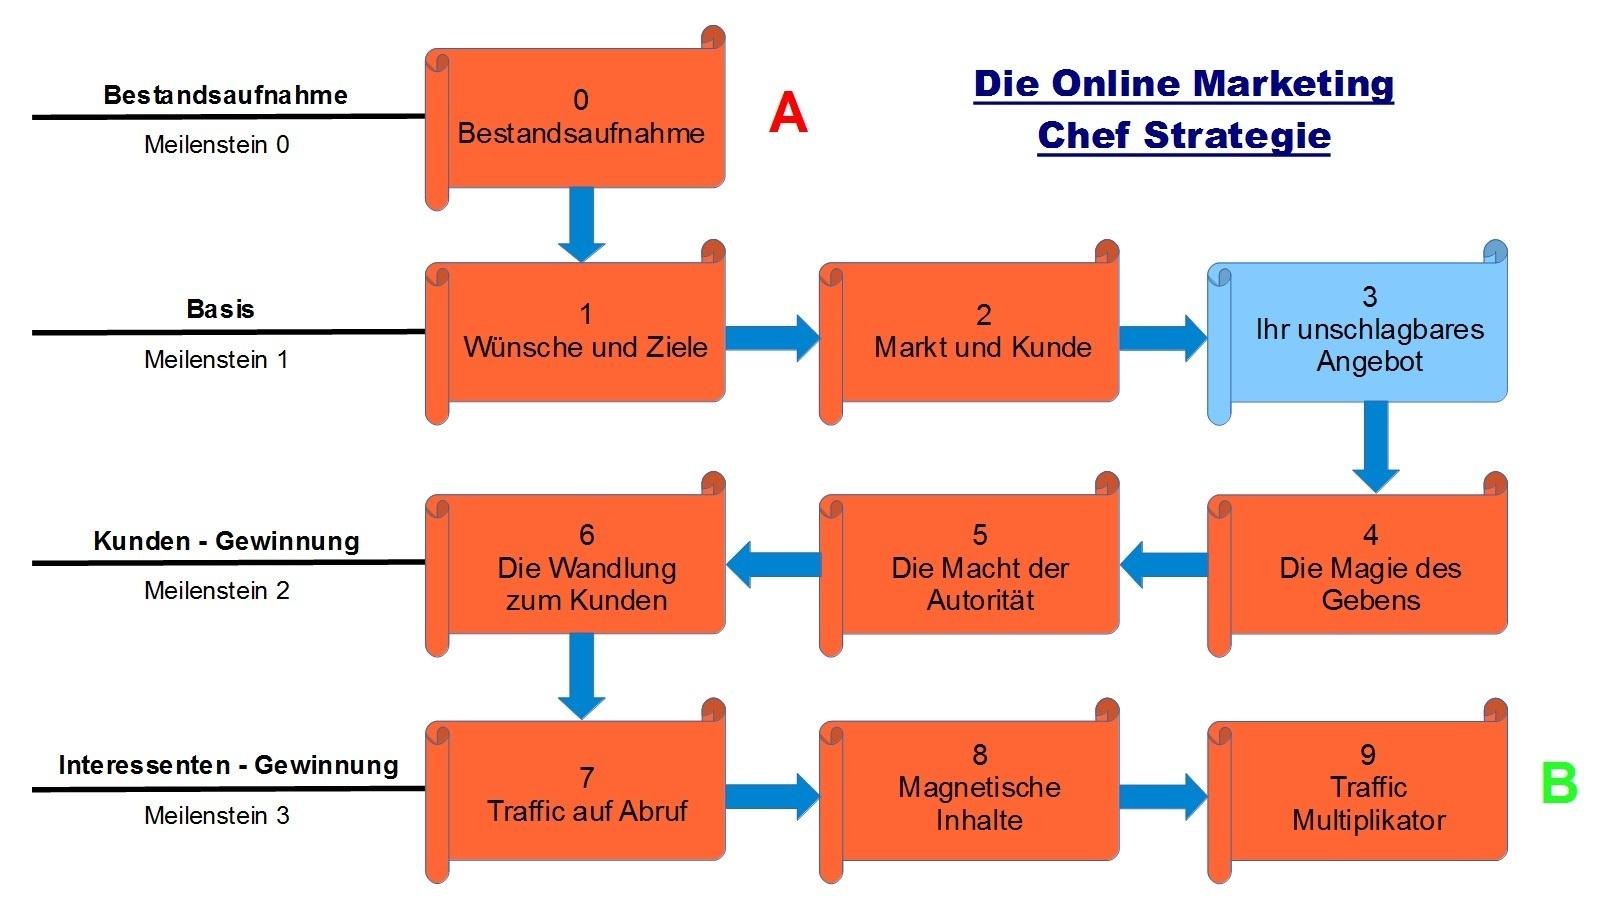 Schritt 3 - Die Online Marketing Chef Strategie